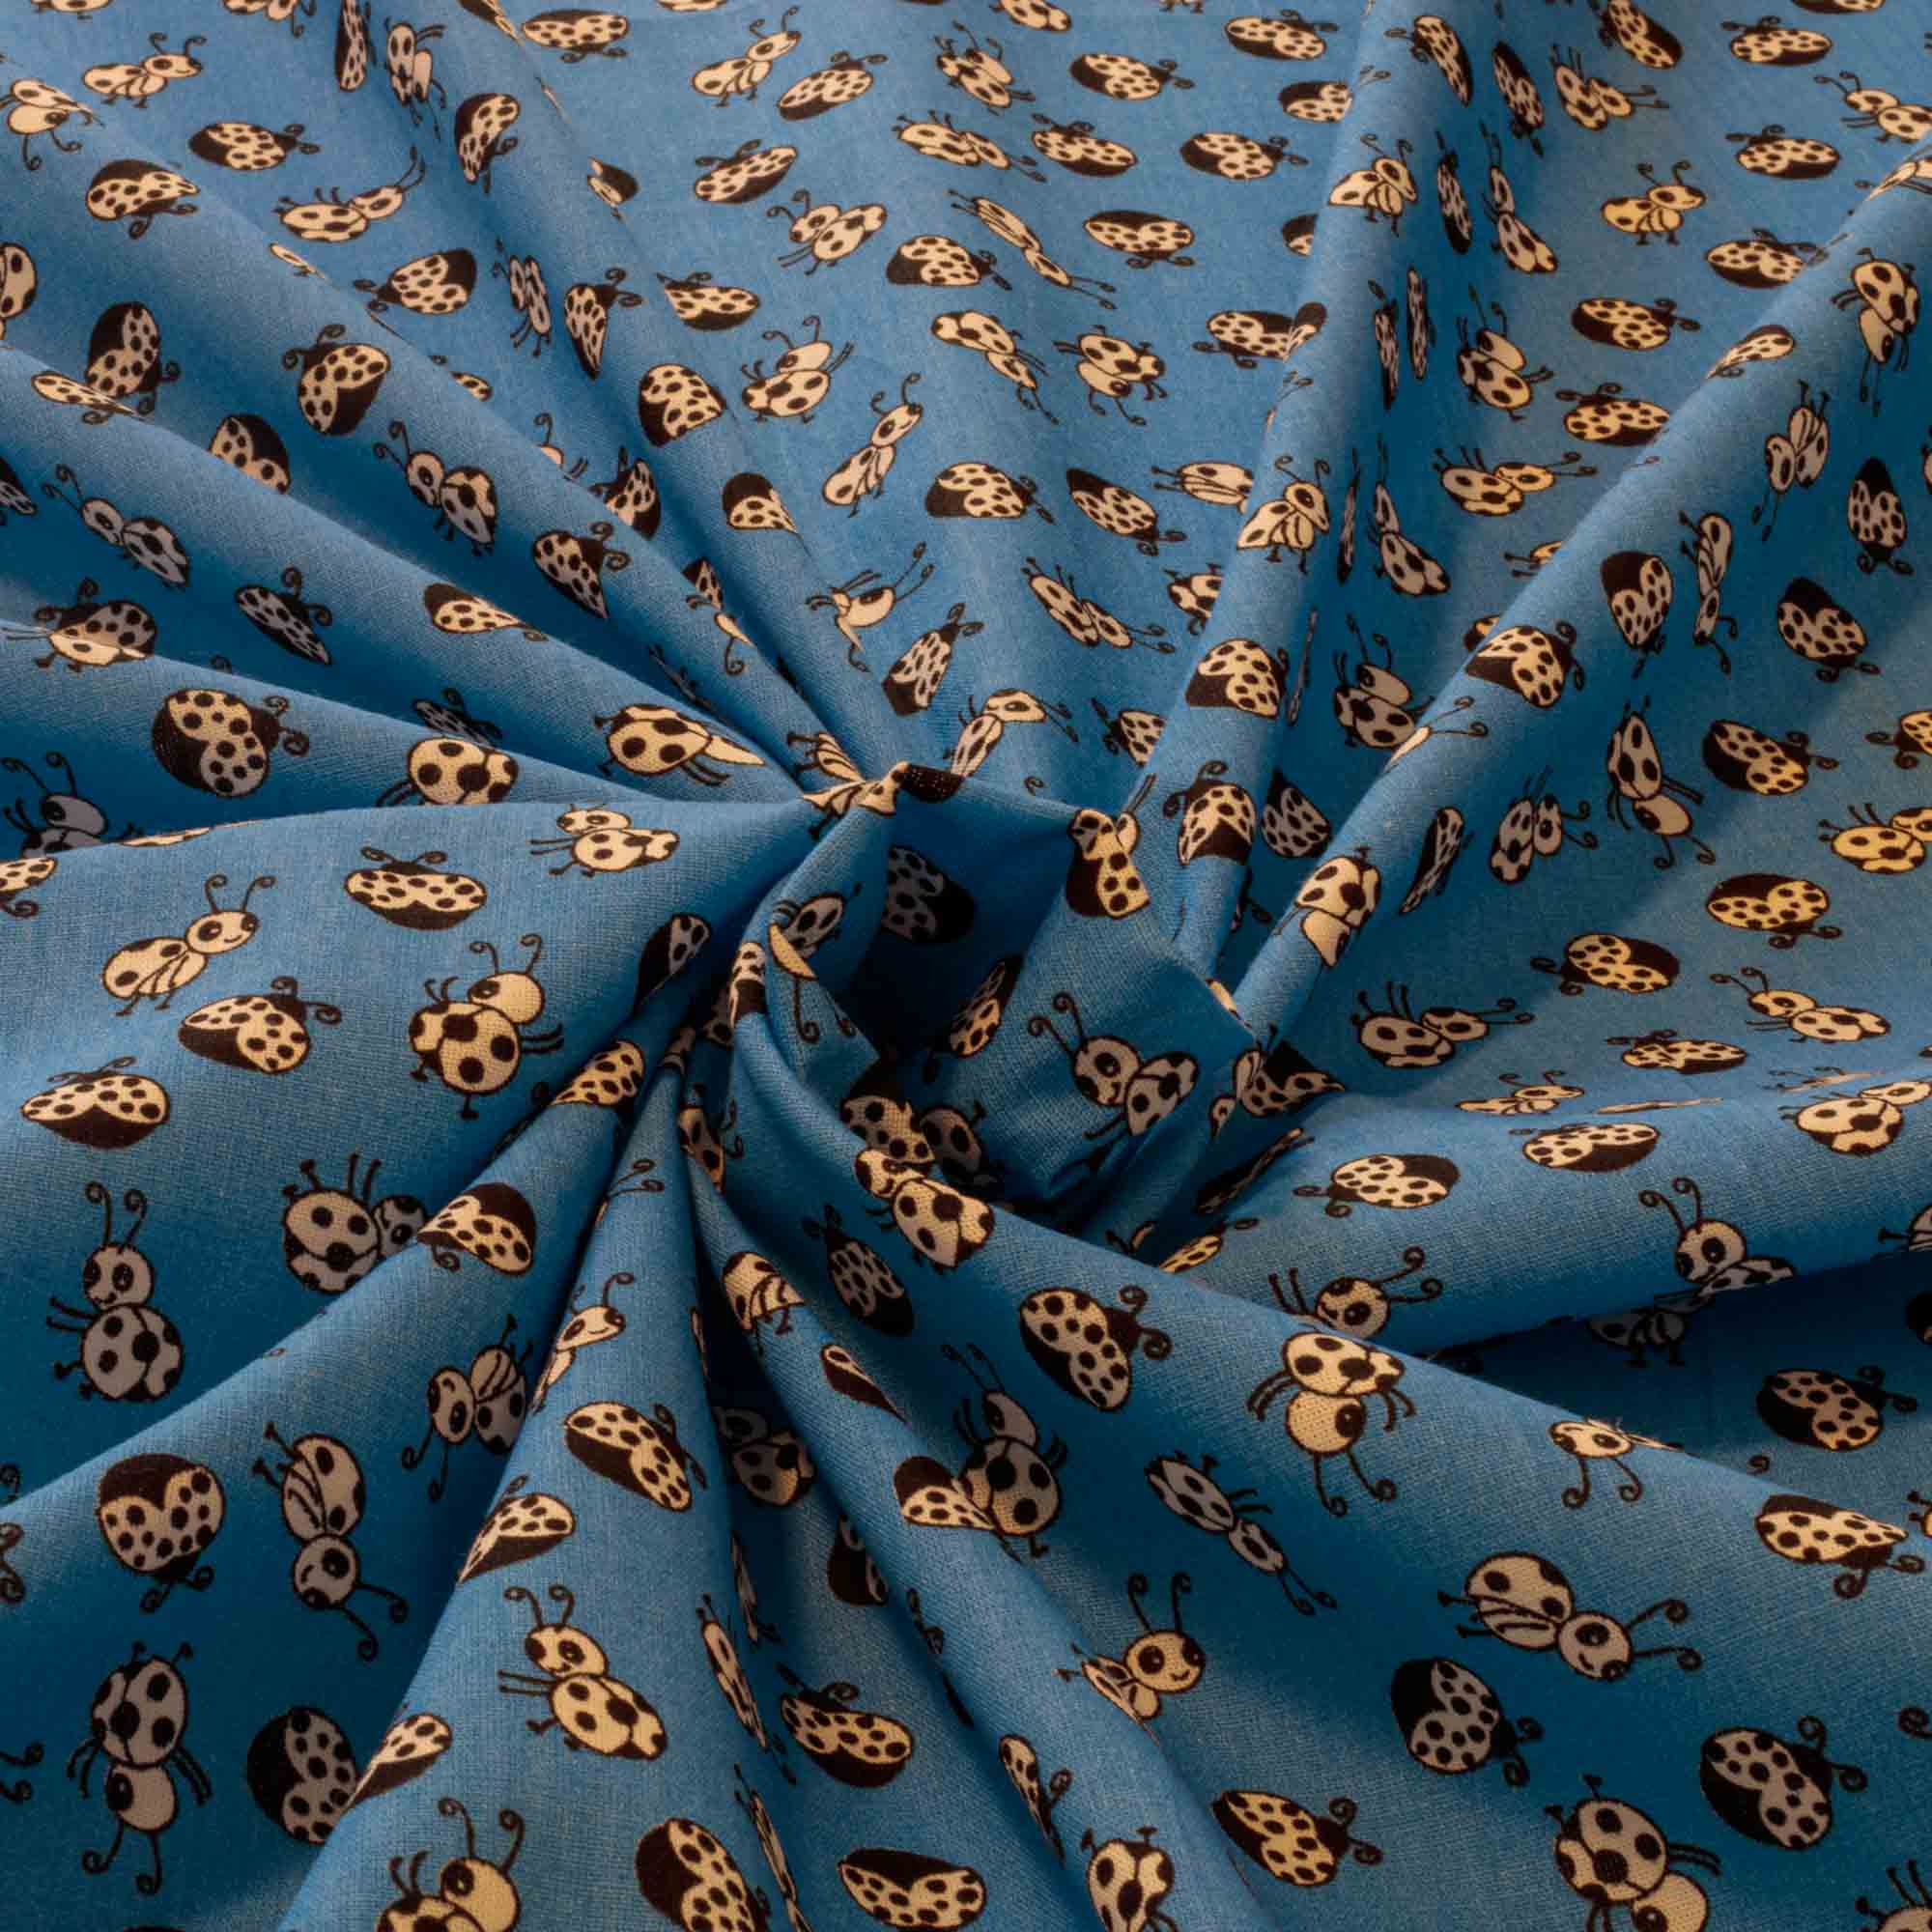 Tecido Tricoline Estampado Joaninha 100% Algodao Azul